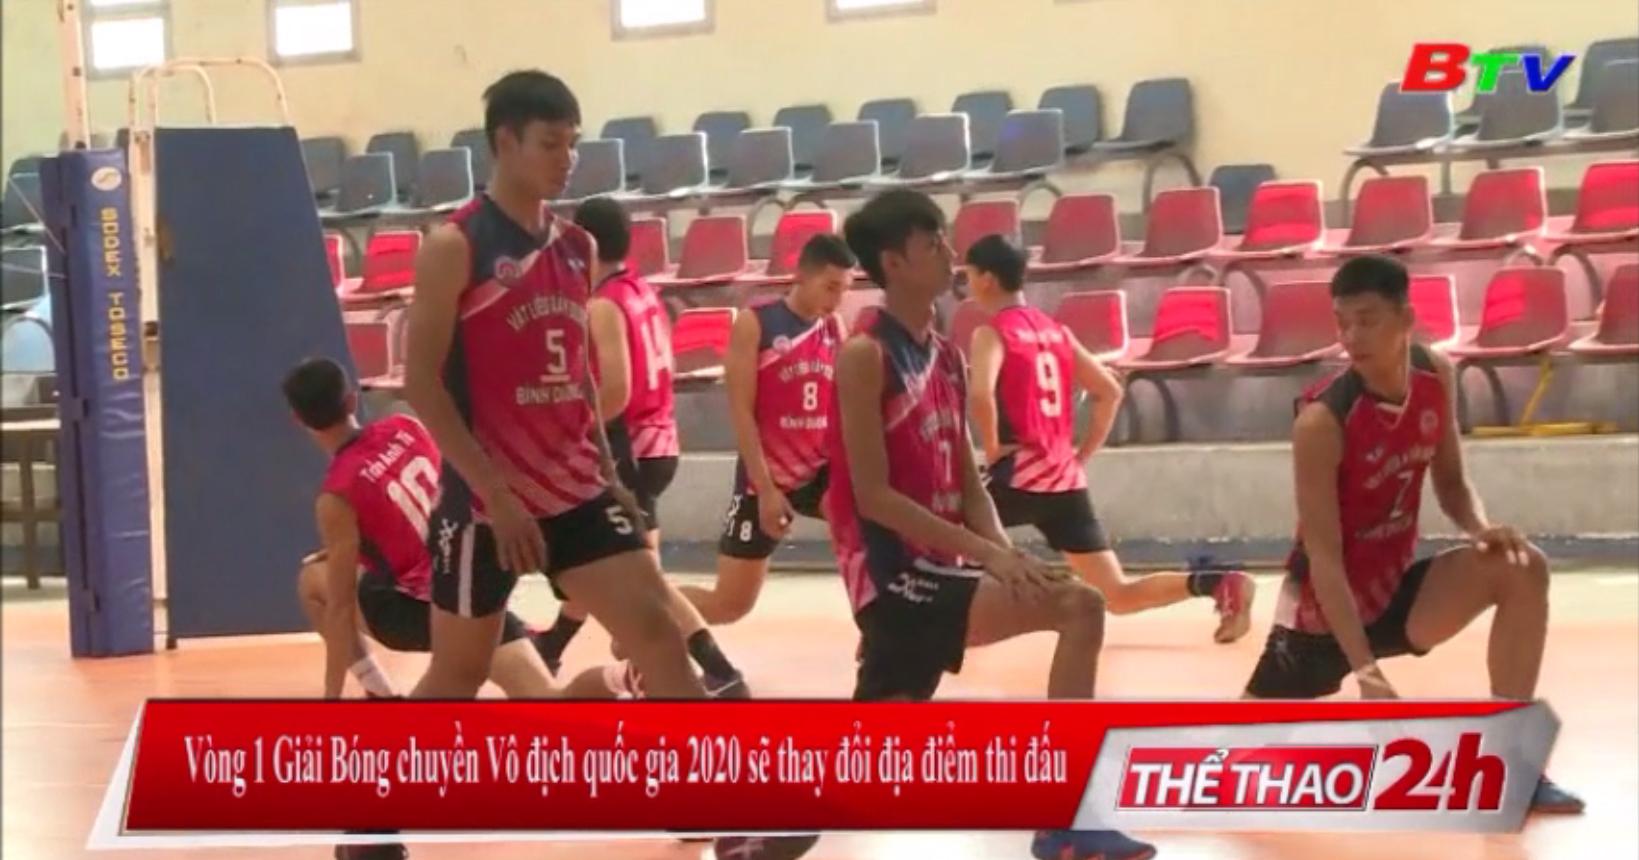 Vòng 1 Giải bóng chuyền VĐQG 2020 sẽ thay đổi địa điểm thi đấu